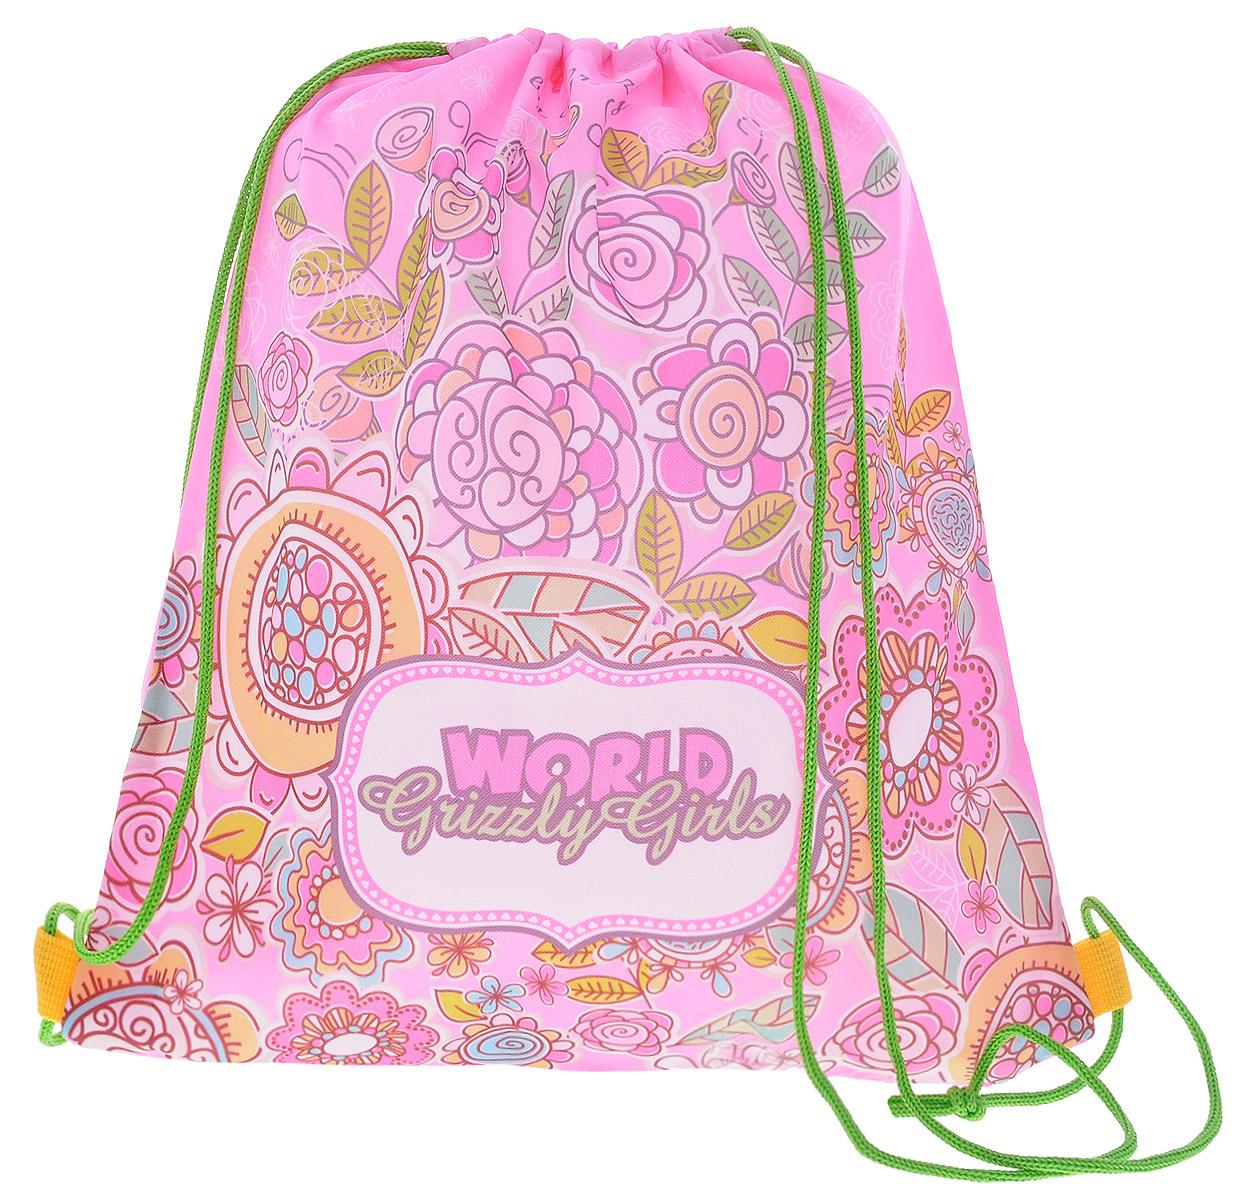 Grizzly Мешок для обуви World Grizzly Girls цвет розовый72523WDМешок для обуви Grizzly World Grizzly Girls идеально подойдет как для хранения, так и для переноски сменной обуви и одежды.Мешок выполнен из прочного материала и содержит одно вместительное отделение, затягивающееся с помощью текстильных шнурков. Шнурки фиксируются в нижней части сумки, благодаря чему ее можно носить за спиной как рюкзак.Ваш ребенок с радостью будет ходить с таким аксессуаром в школу!Уход: протирать мыльным раствором (без хлора) при температуре не выше 30 градусов.